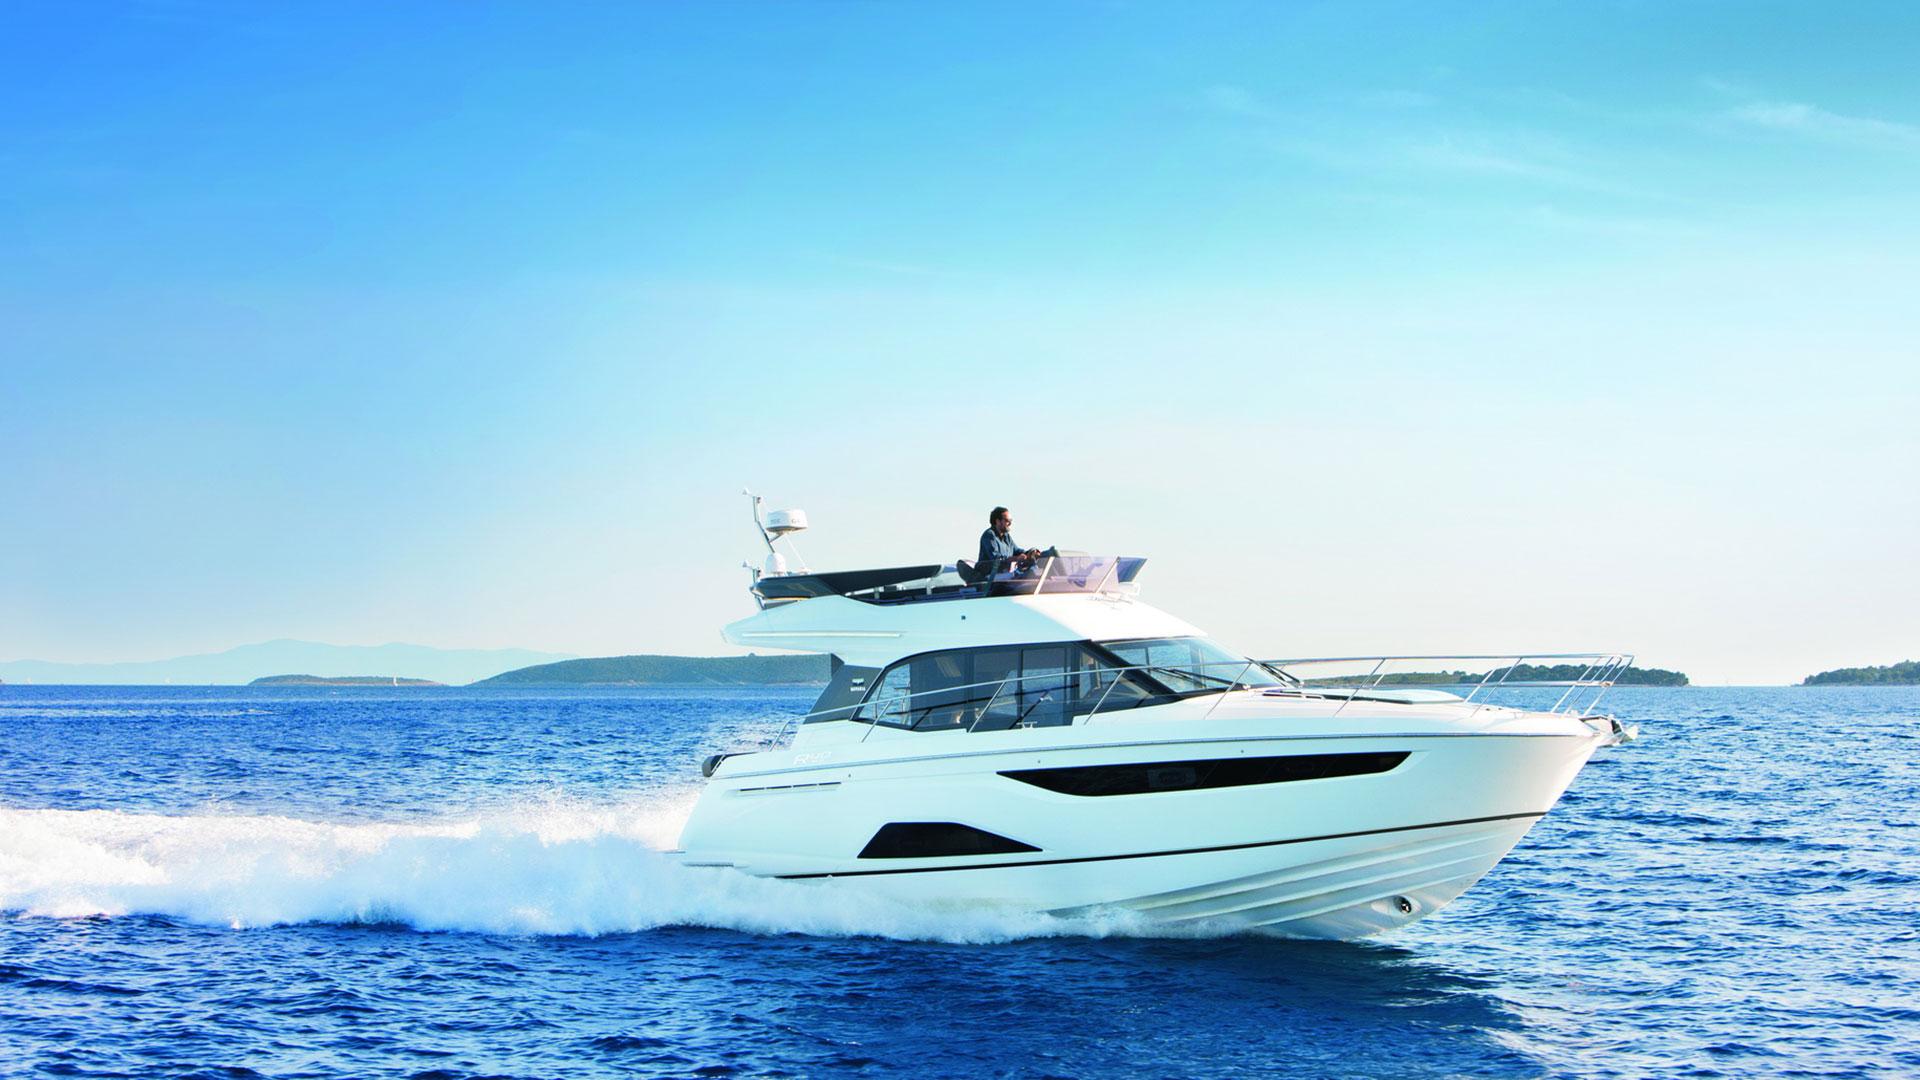 R40 - Fly - Bavaria Yachts - Drettmann Yachts